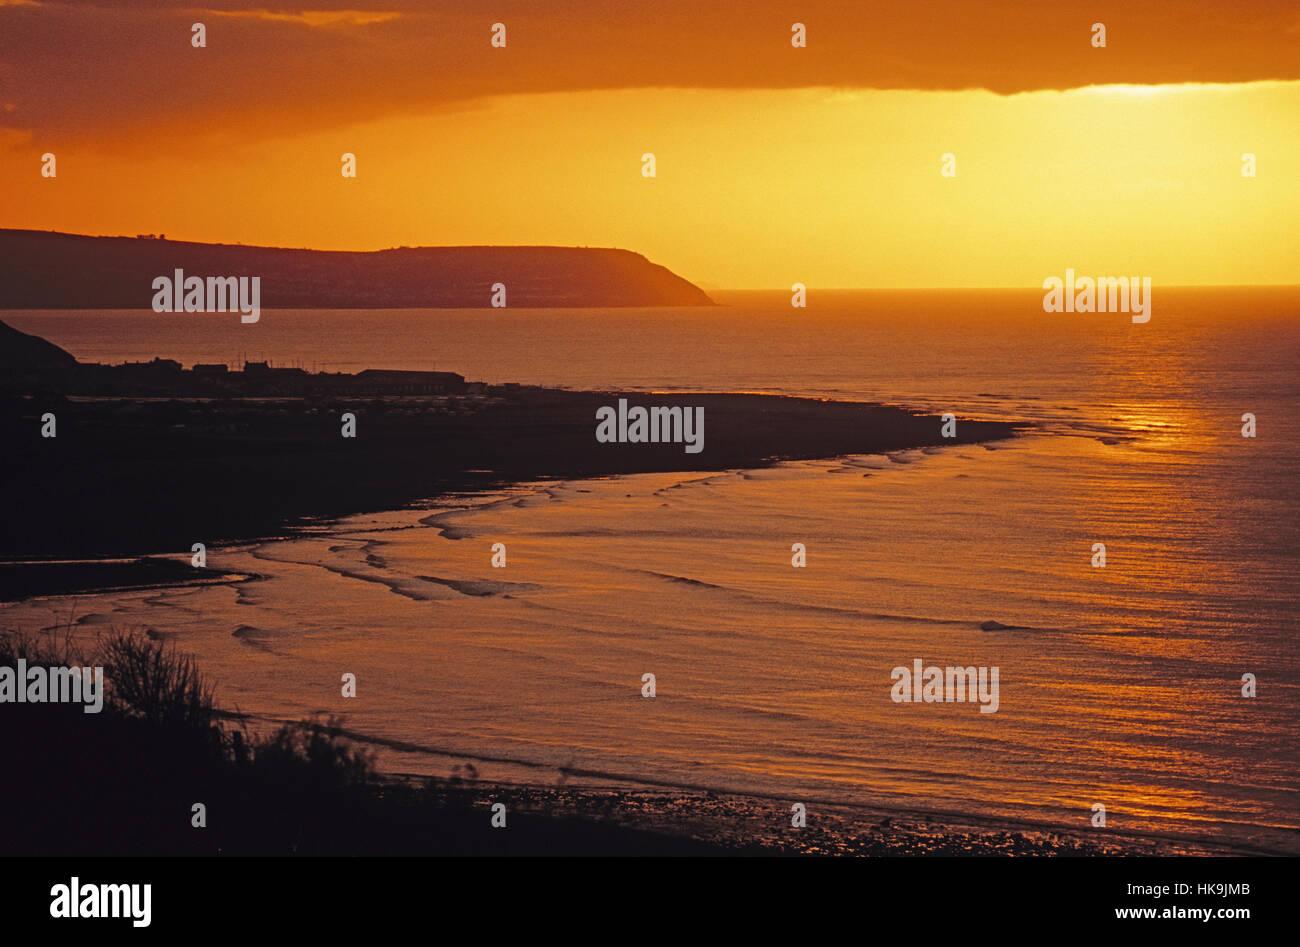 Cardigan Bay at dusk on west coast of Wales. - Stock Image